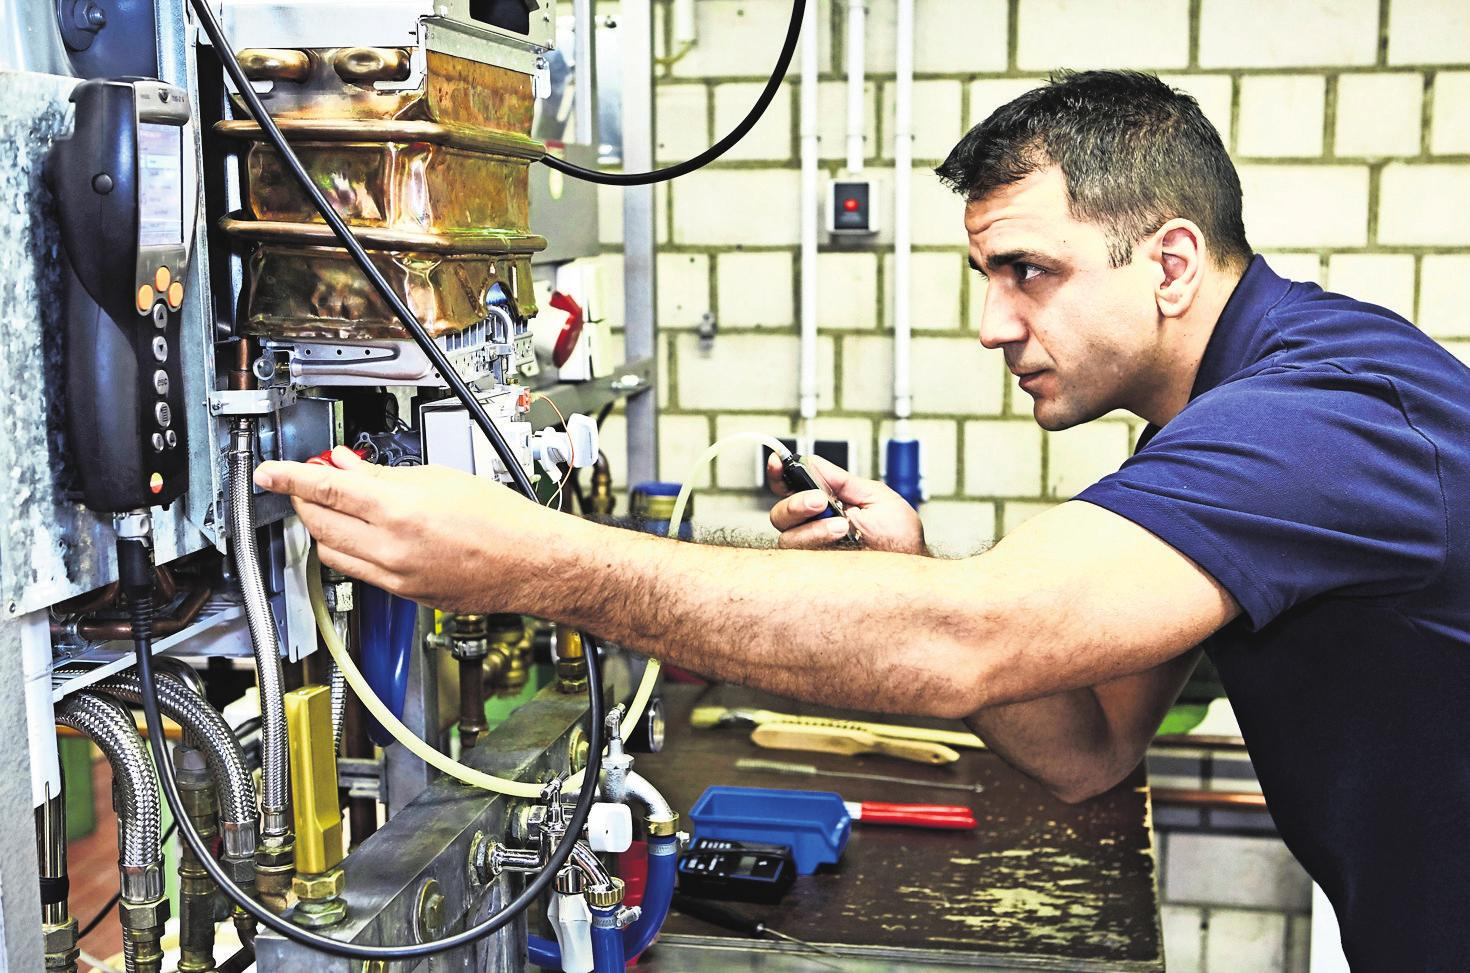 Anlagenmechaniker entscheiden sich auch wegen ihrer Liebe zur Sanitär-, Heizungs- und Klimatechnik für die Weiterbildung zum SHK-Servicetechniker. Foto: Handwerkskammer Region Stuttgart